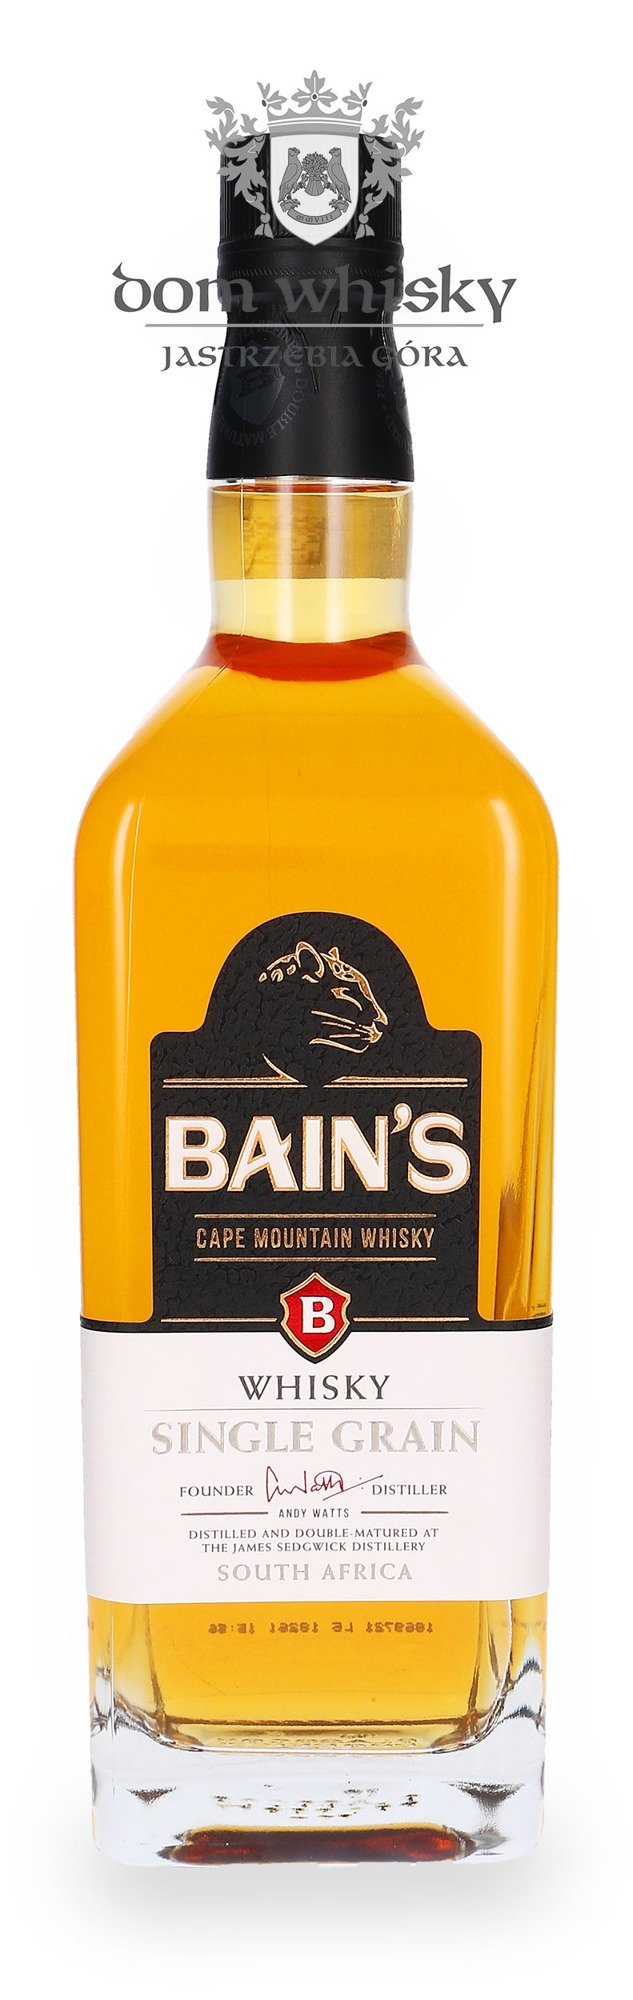 Bain s cape mountain single grain south africa 40 0 for Bain s whisky